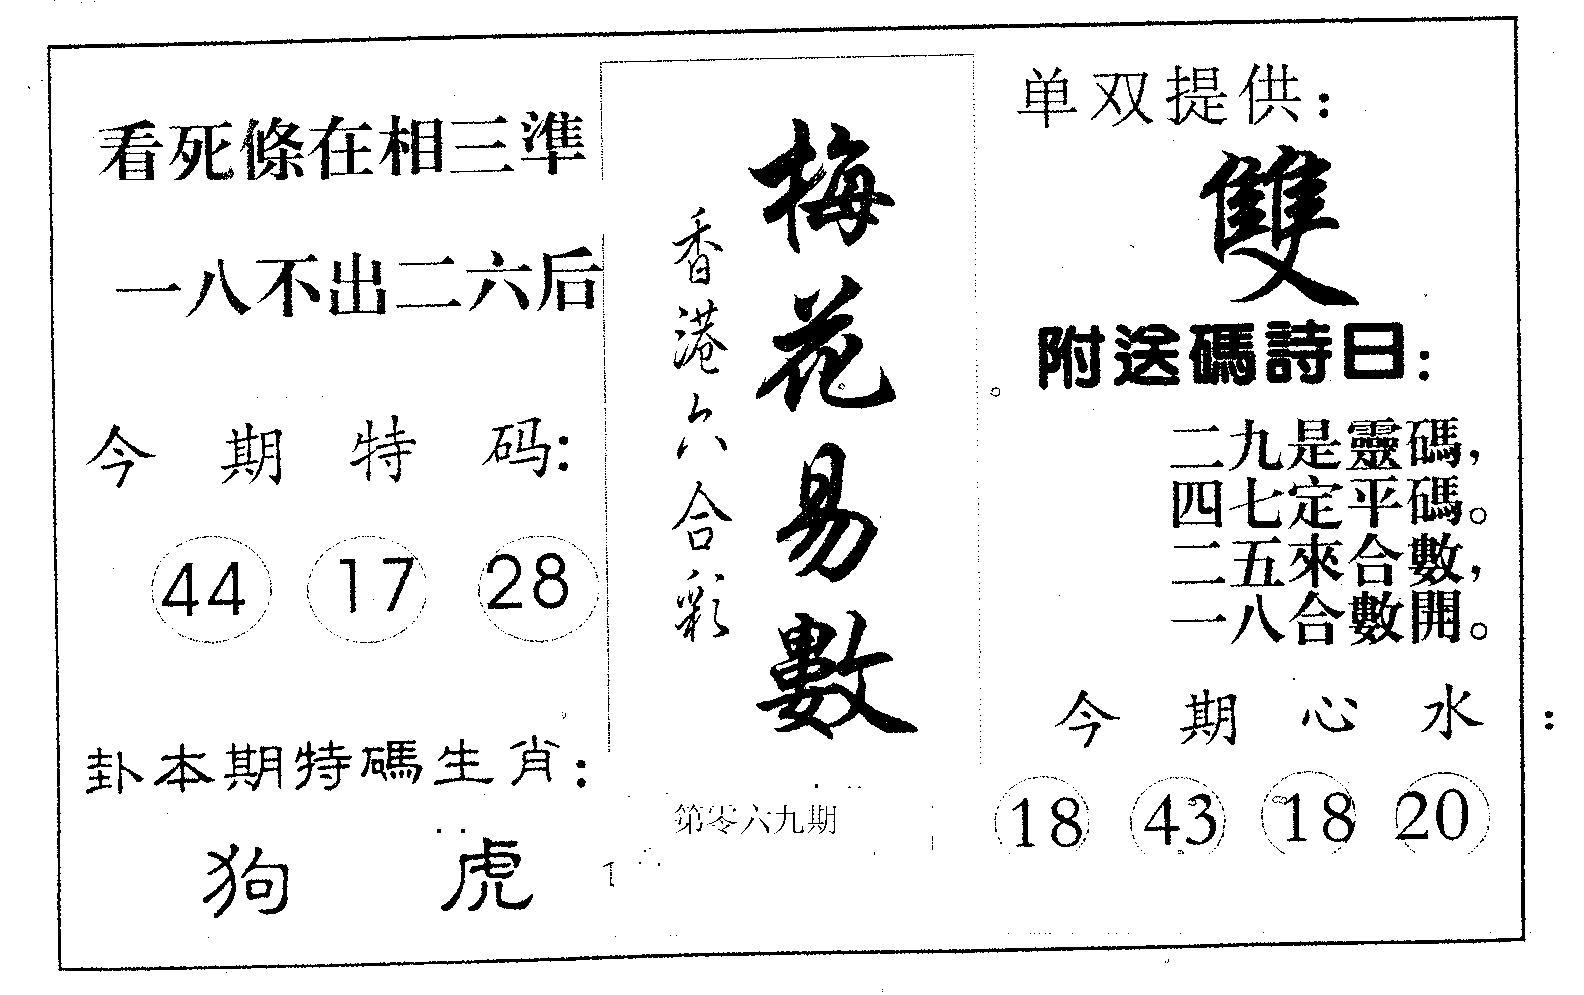 069期梅花易数(黑白)